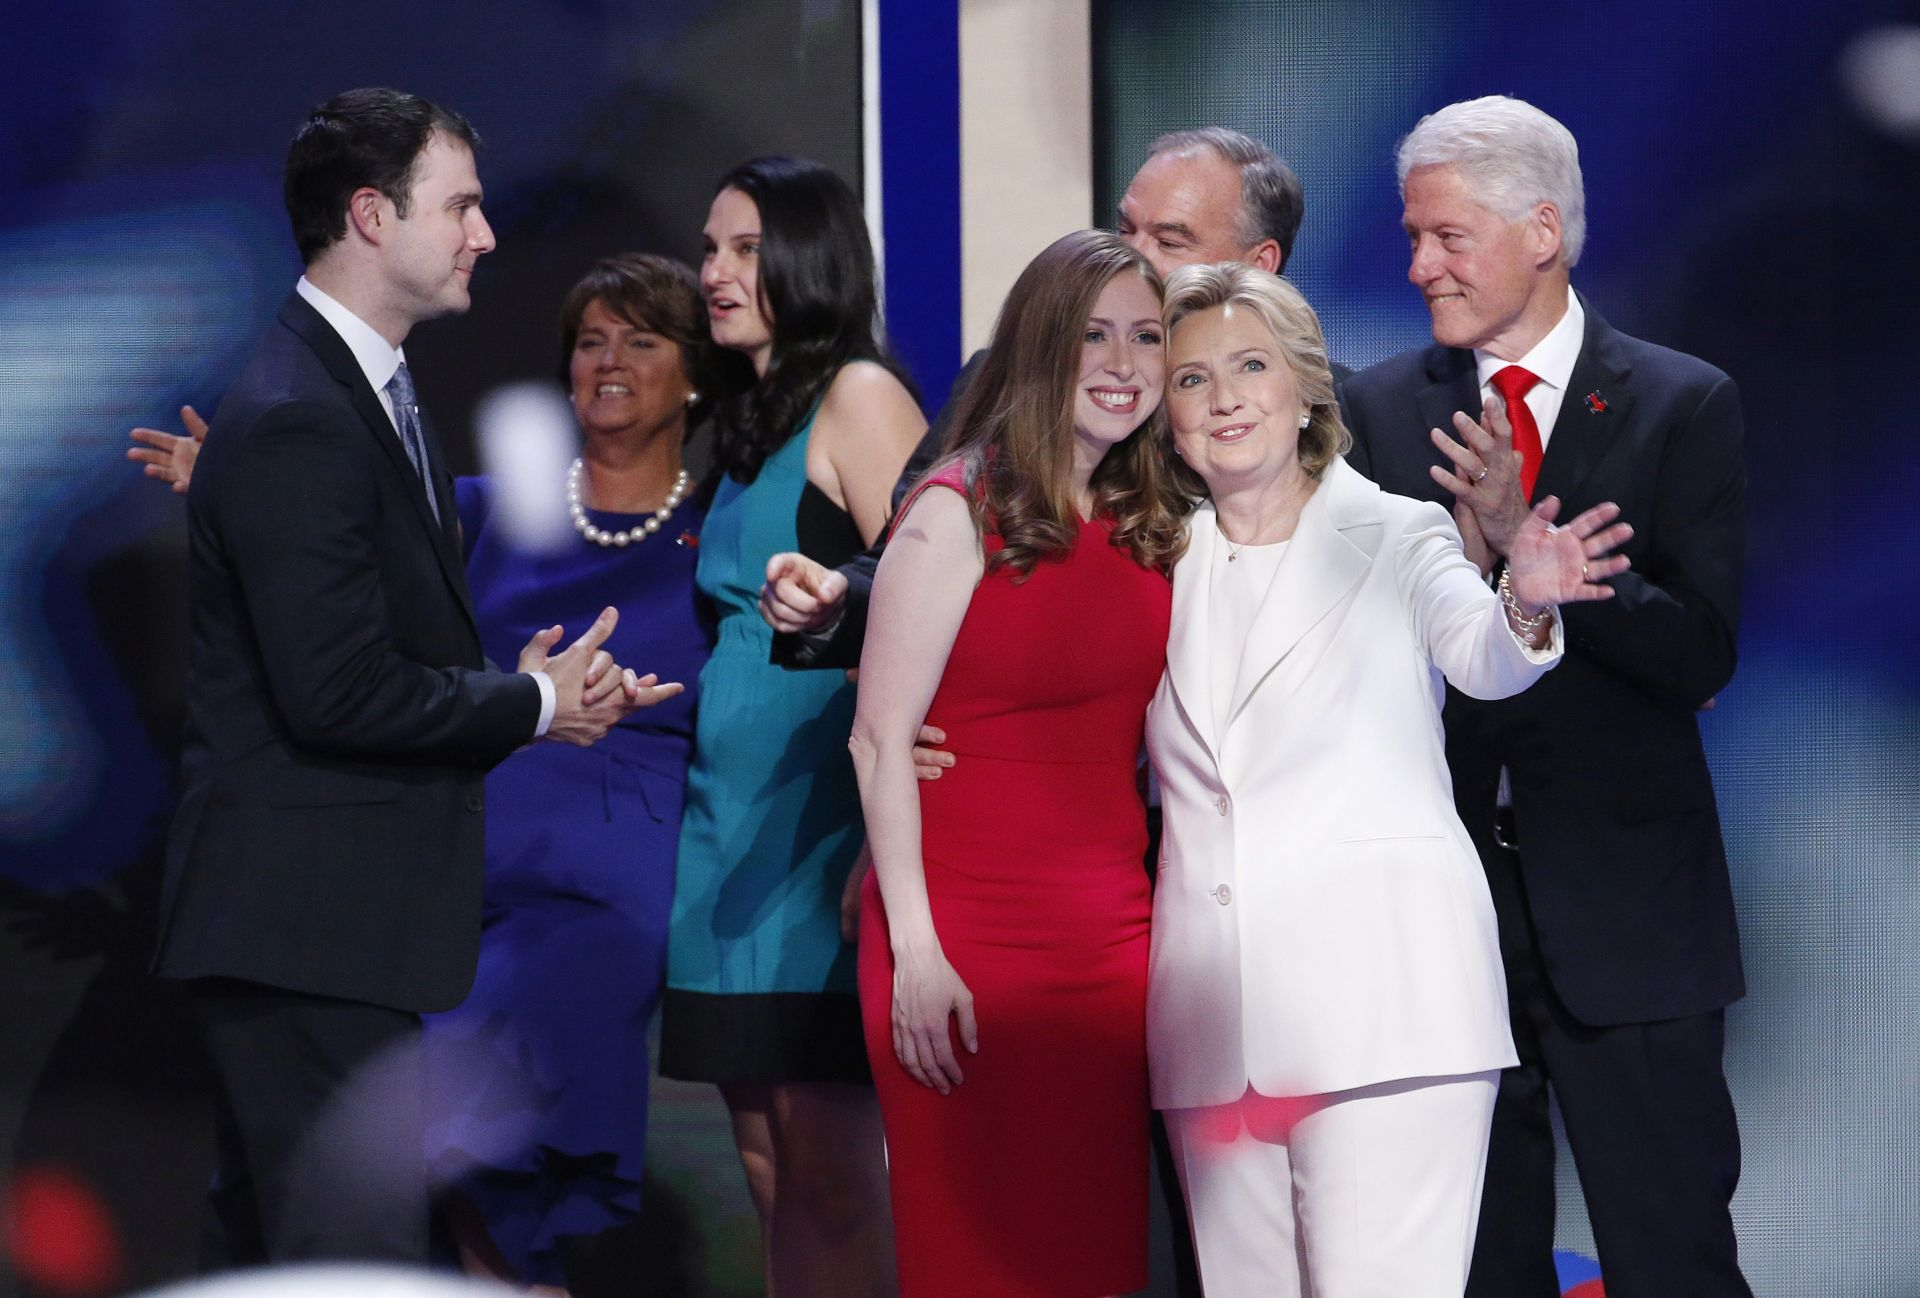 UNATOČ KRITIKAMA: Chelsea predstavila Clinton kao sjajnu majku i predanog profesionalca